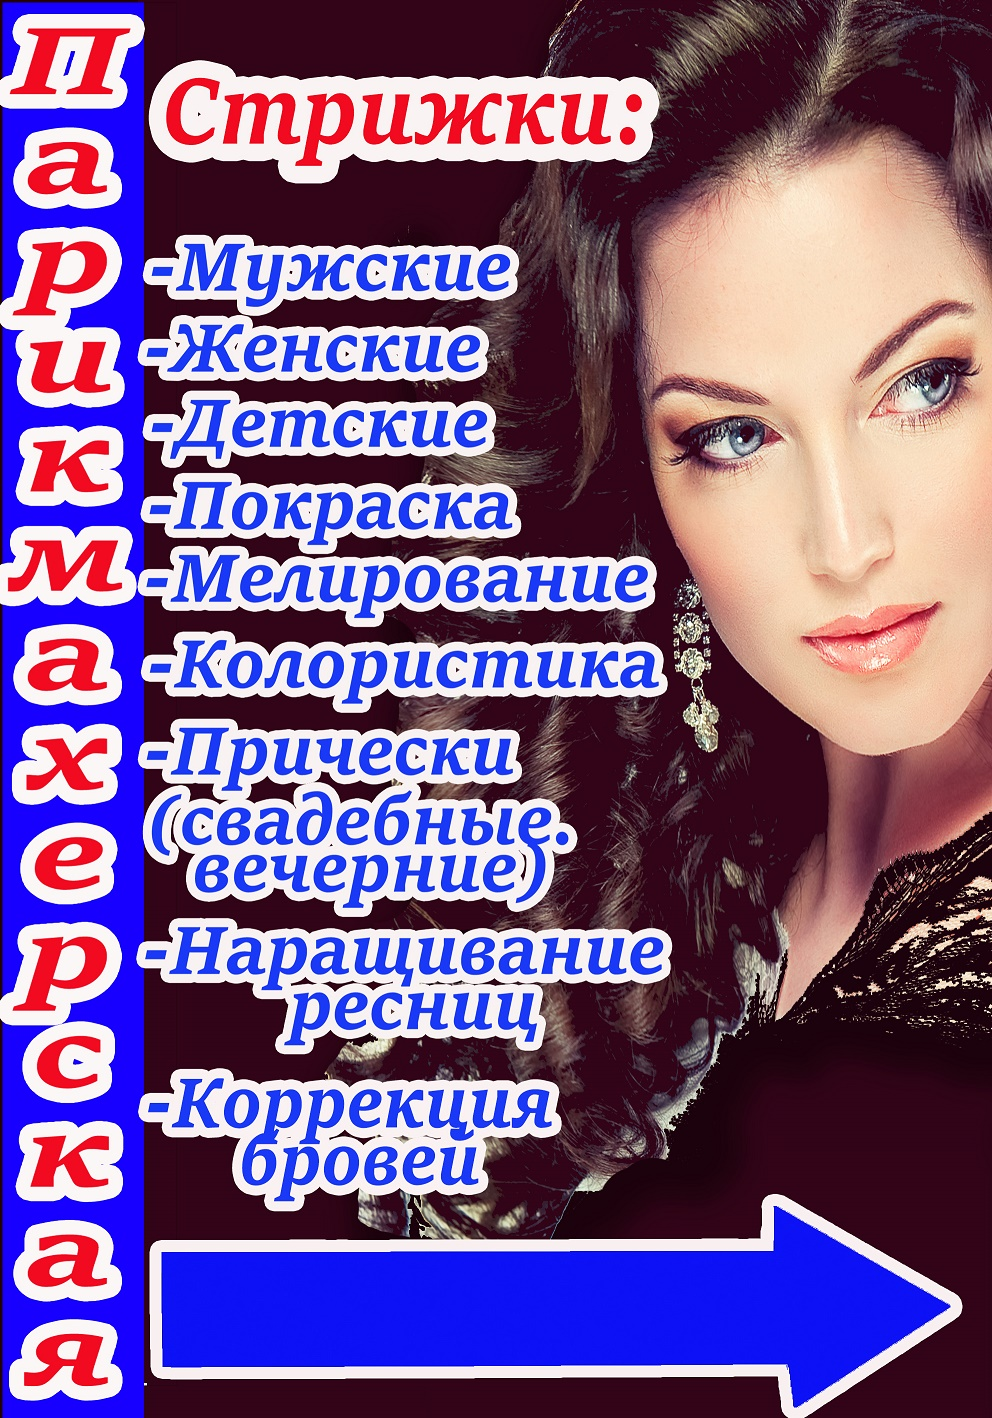 Фото штендер на русском яязыке для парикмахерской